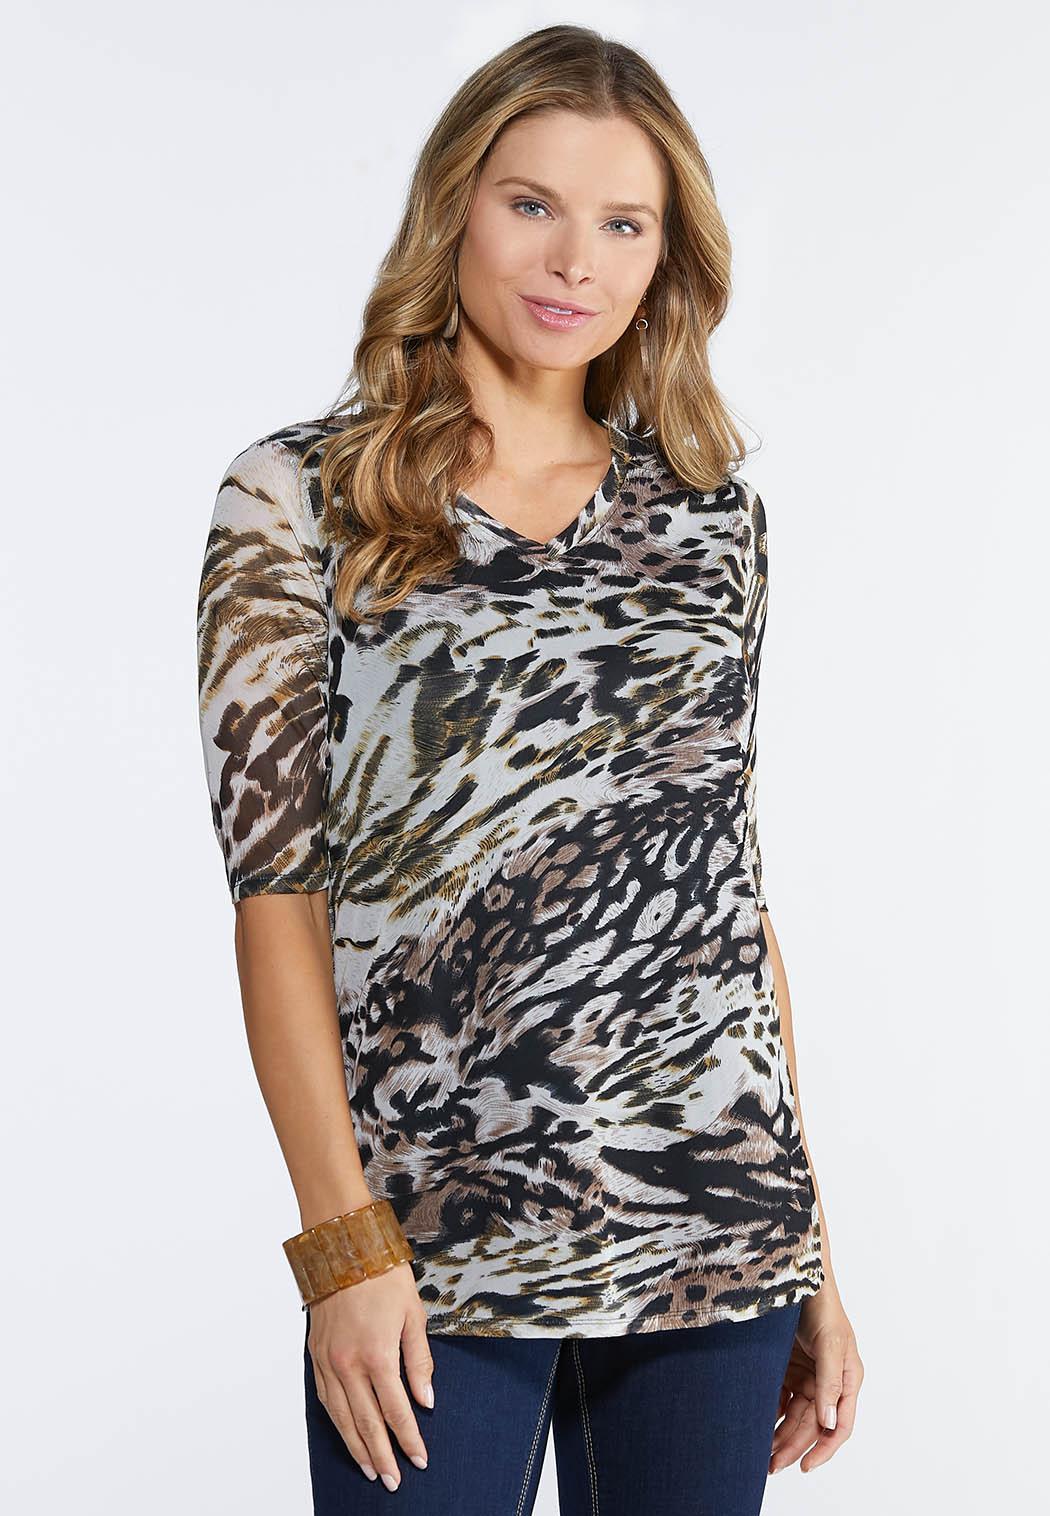 Cheetah Mesh Top